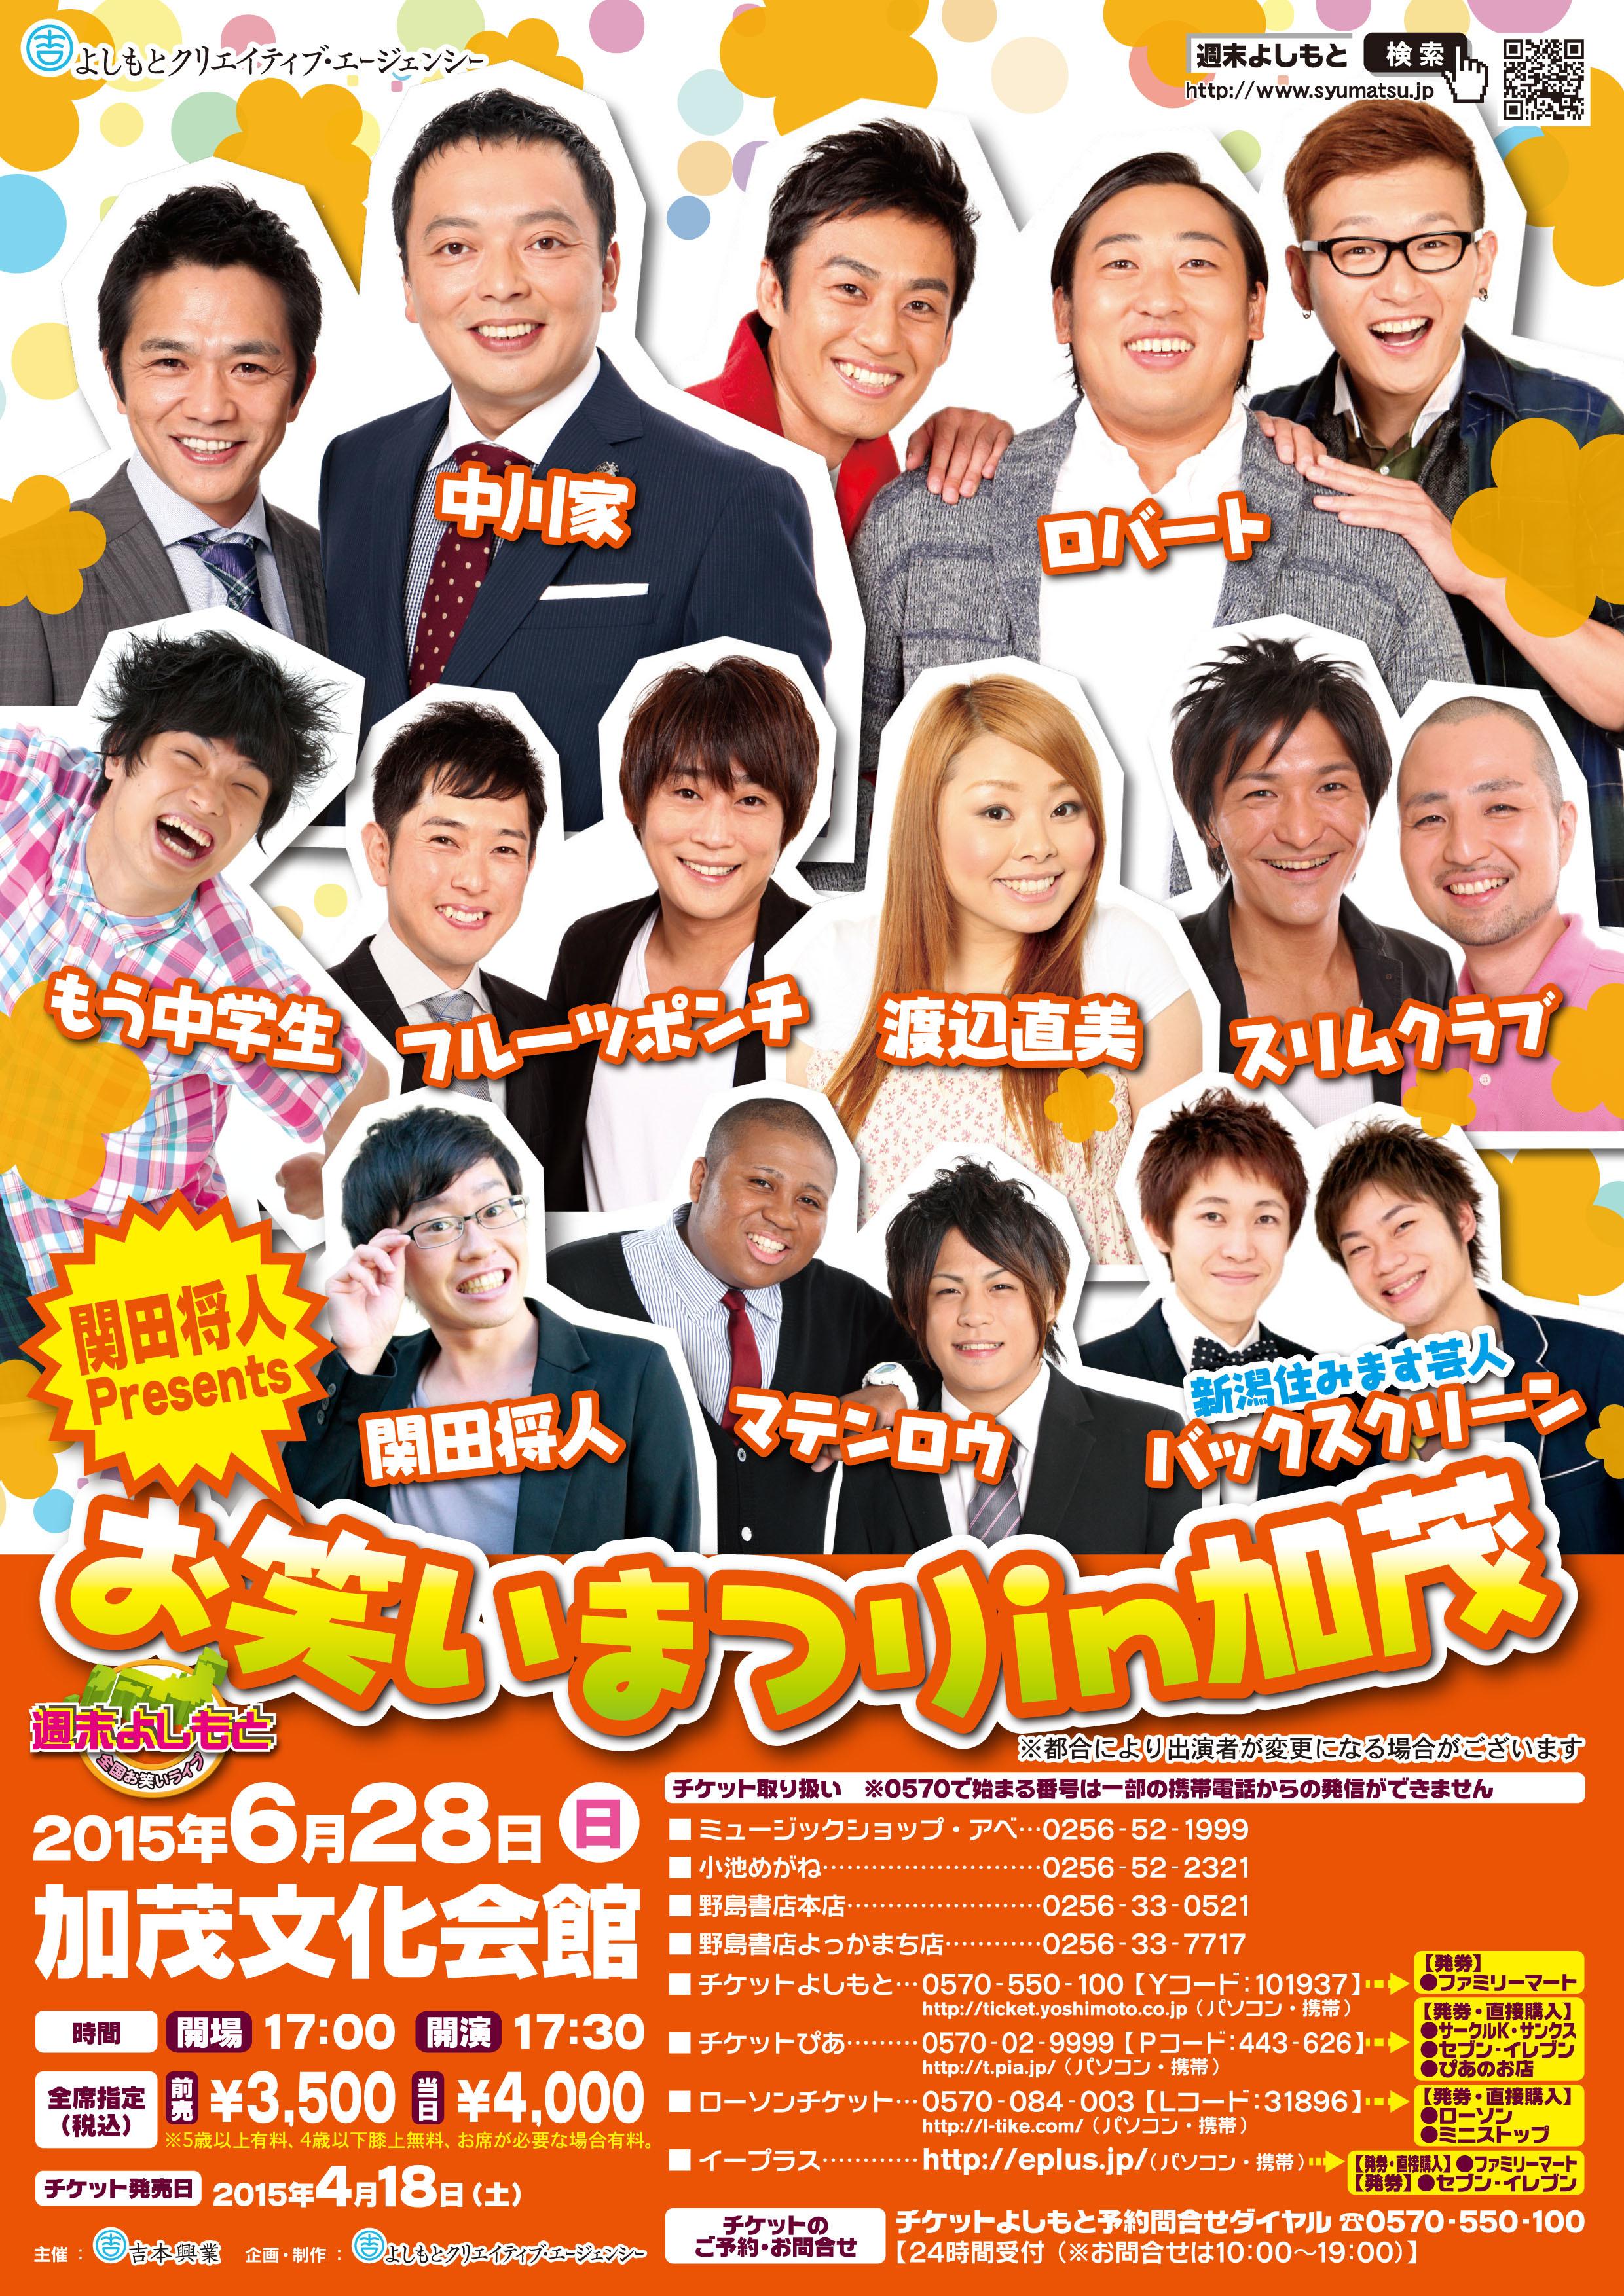 http://www.syumatsu.jp/photos/uncategorized/2015/04/20/20150420182003-0e680e8c7e93a1c460d9cabae0bbbfa080e022d8.jpg